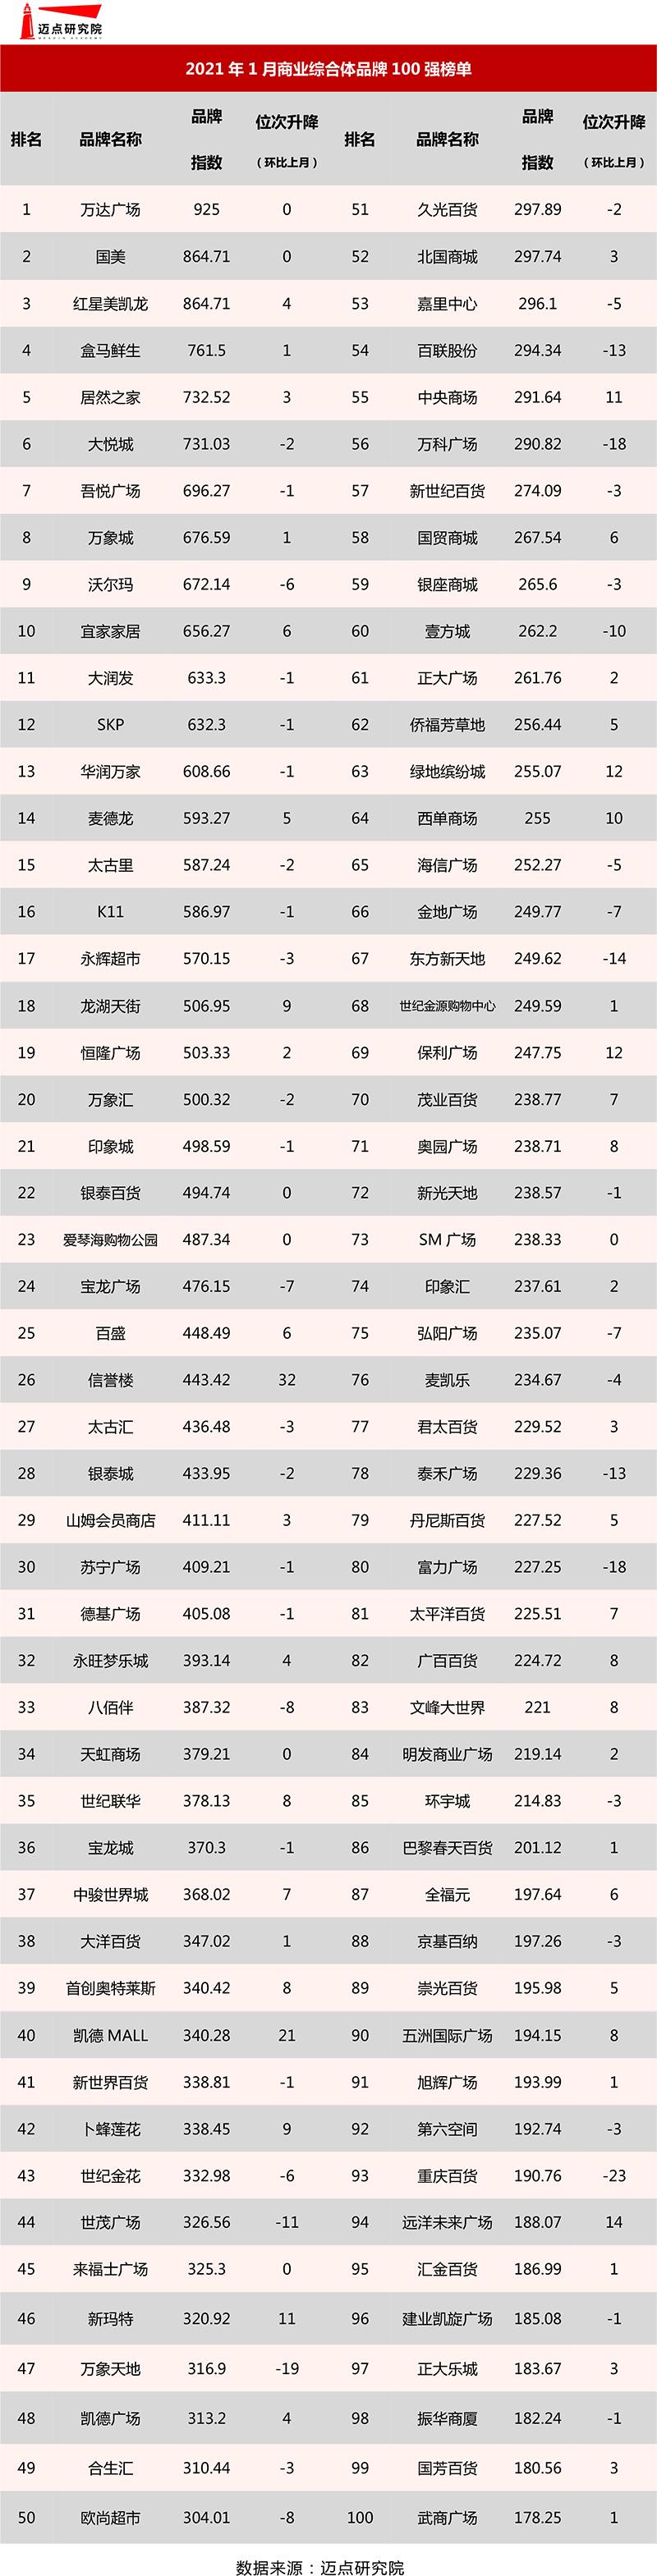 2021年1月商业综合体品牌100强榜单发布